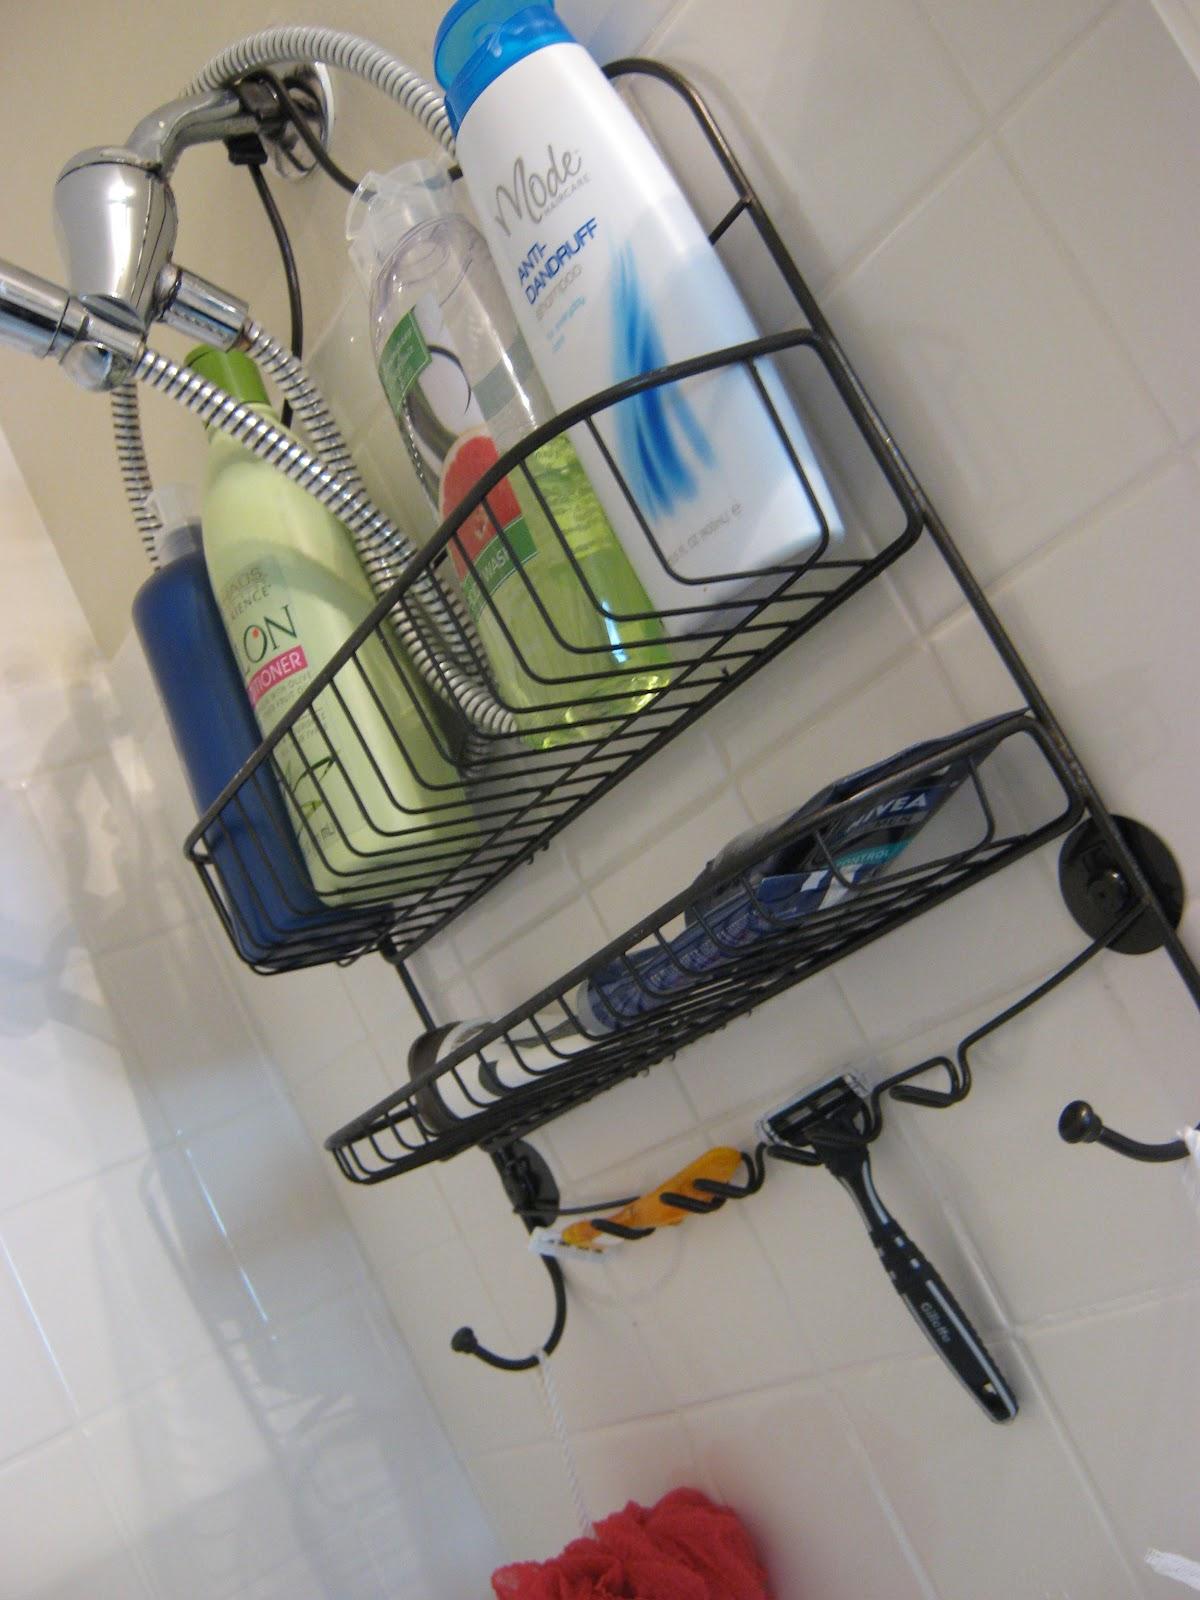 FakeIt Frugal Shower Caddy Save